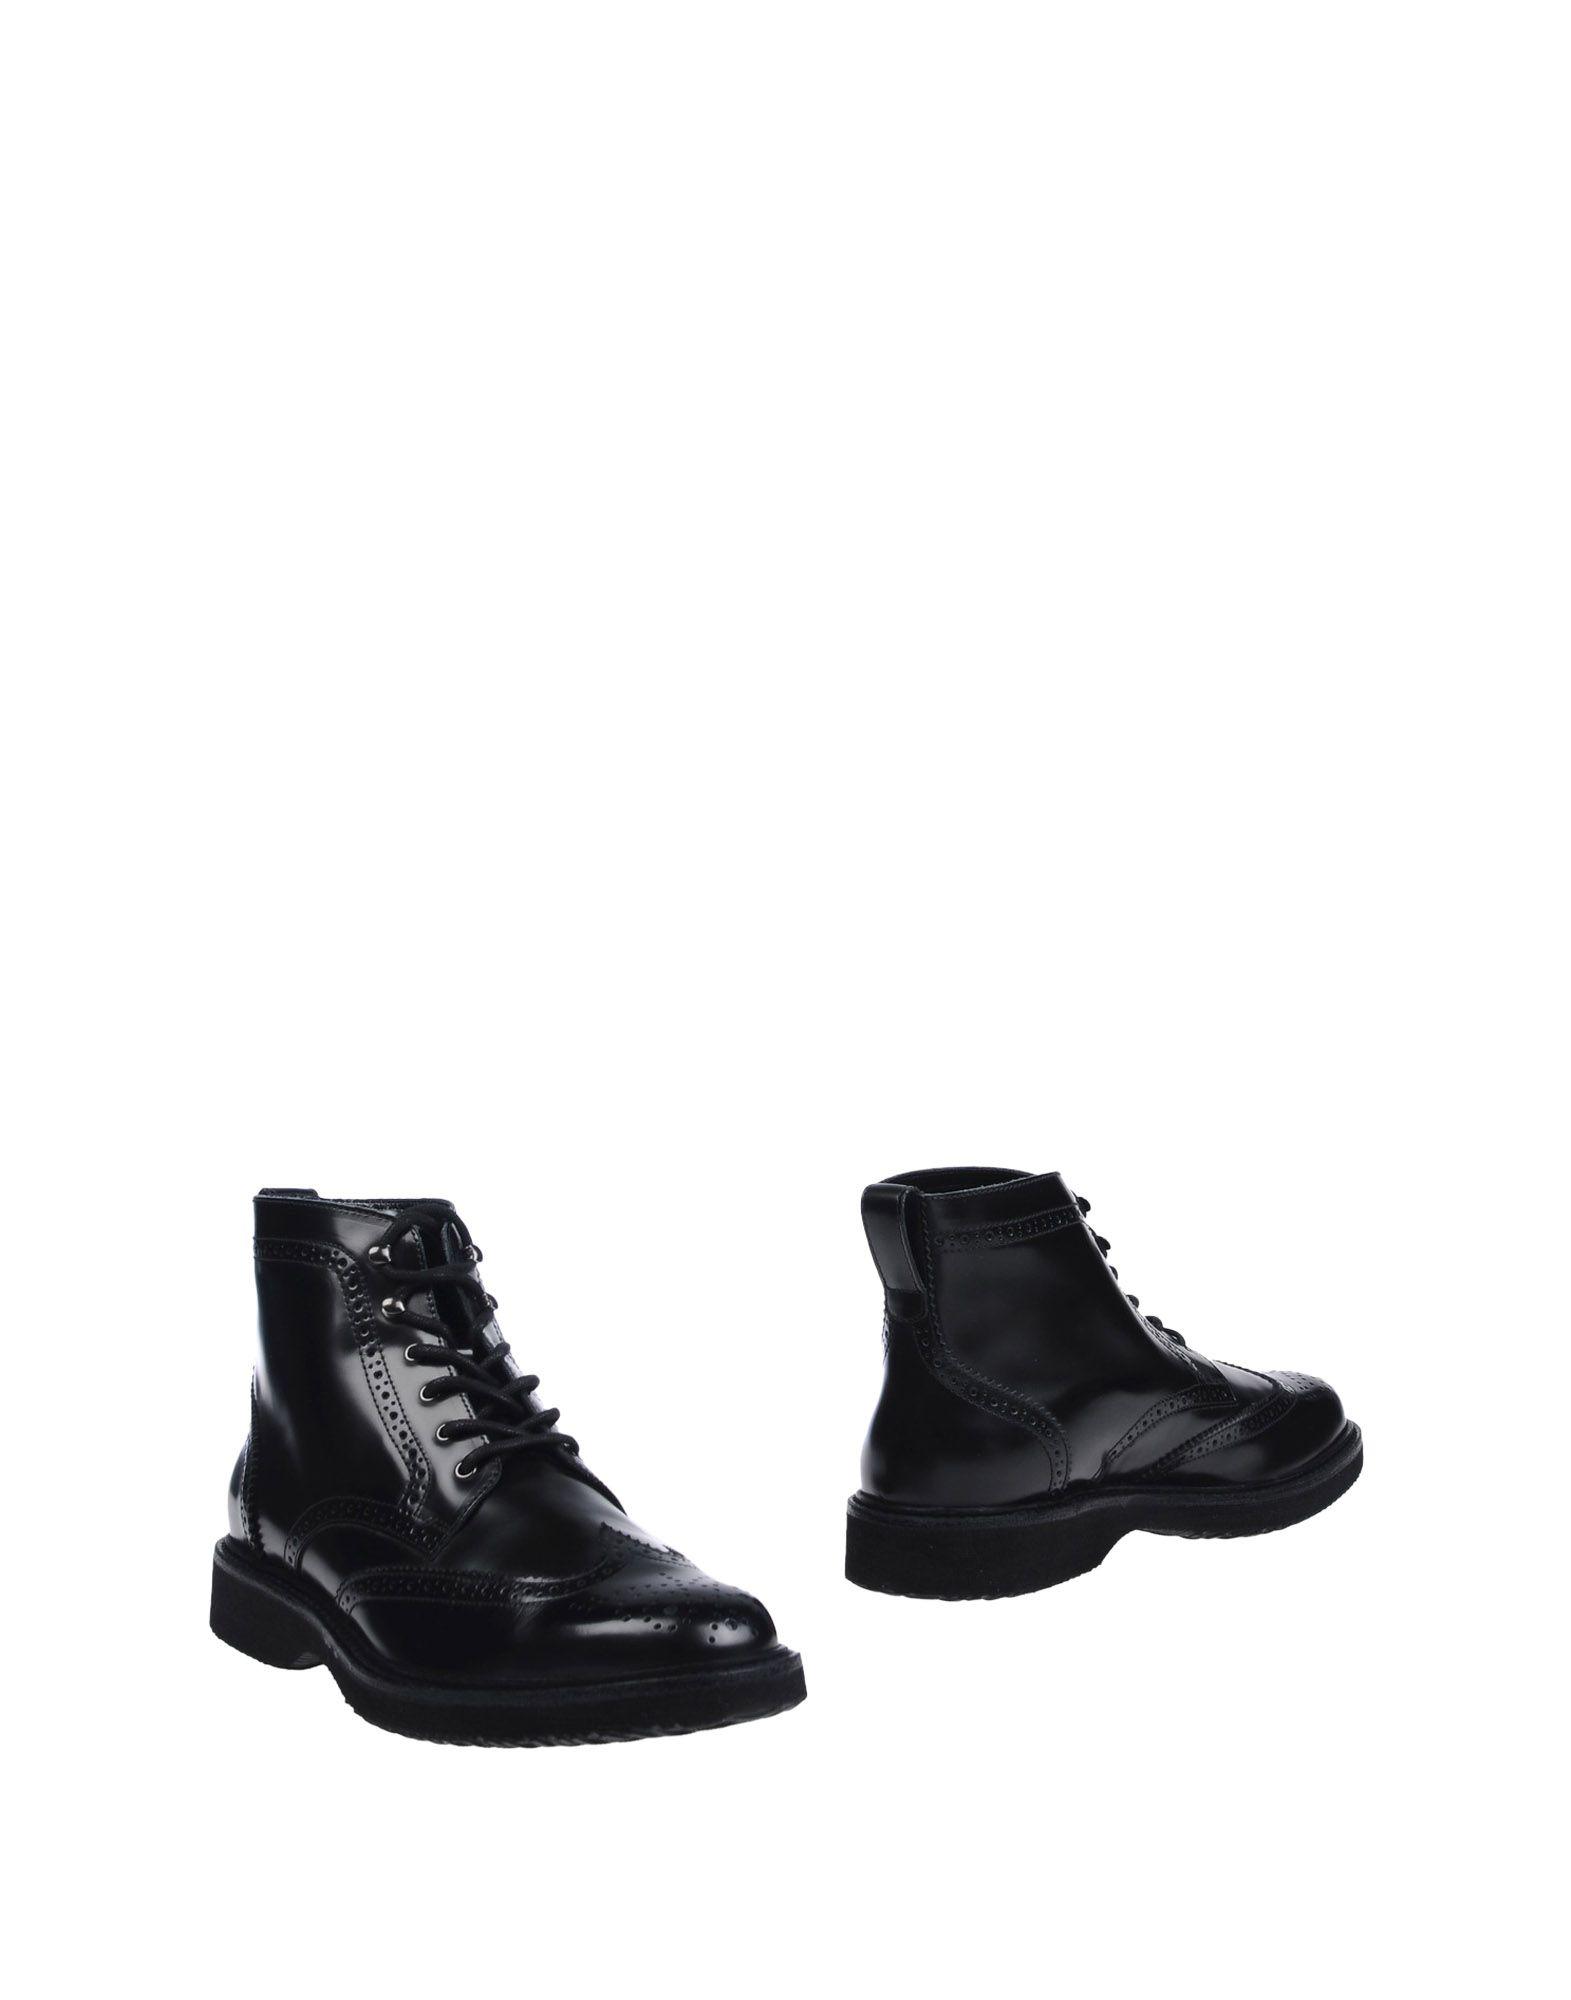 Hogan Stiefelette Herren  11238043DB Gute Qualität beliebte Schuhe